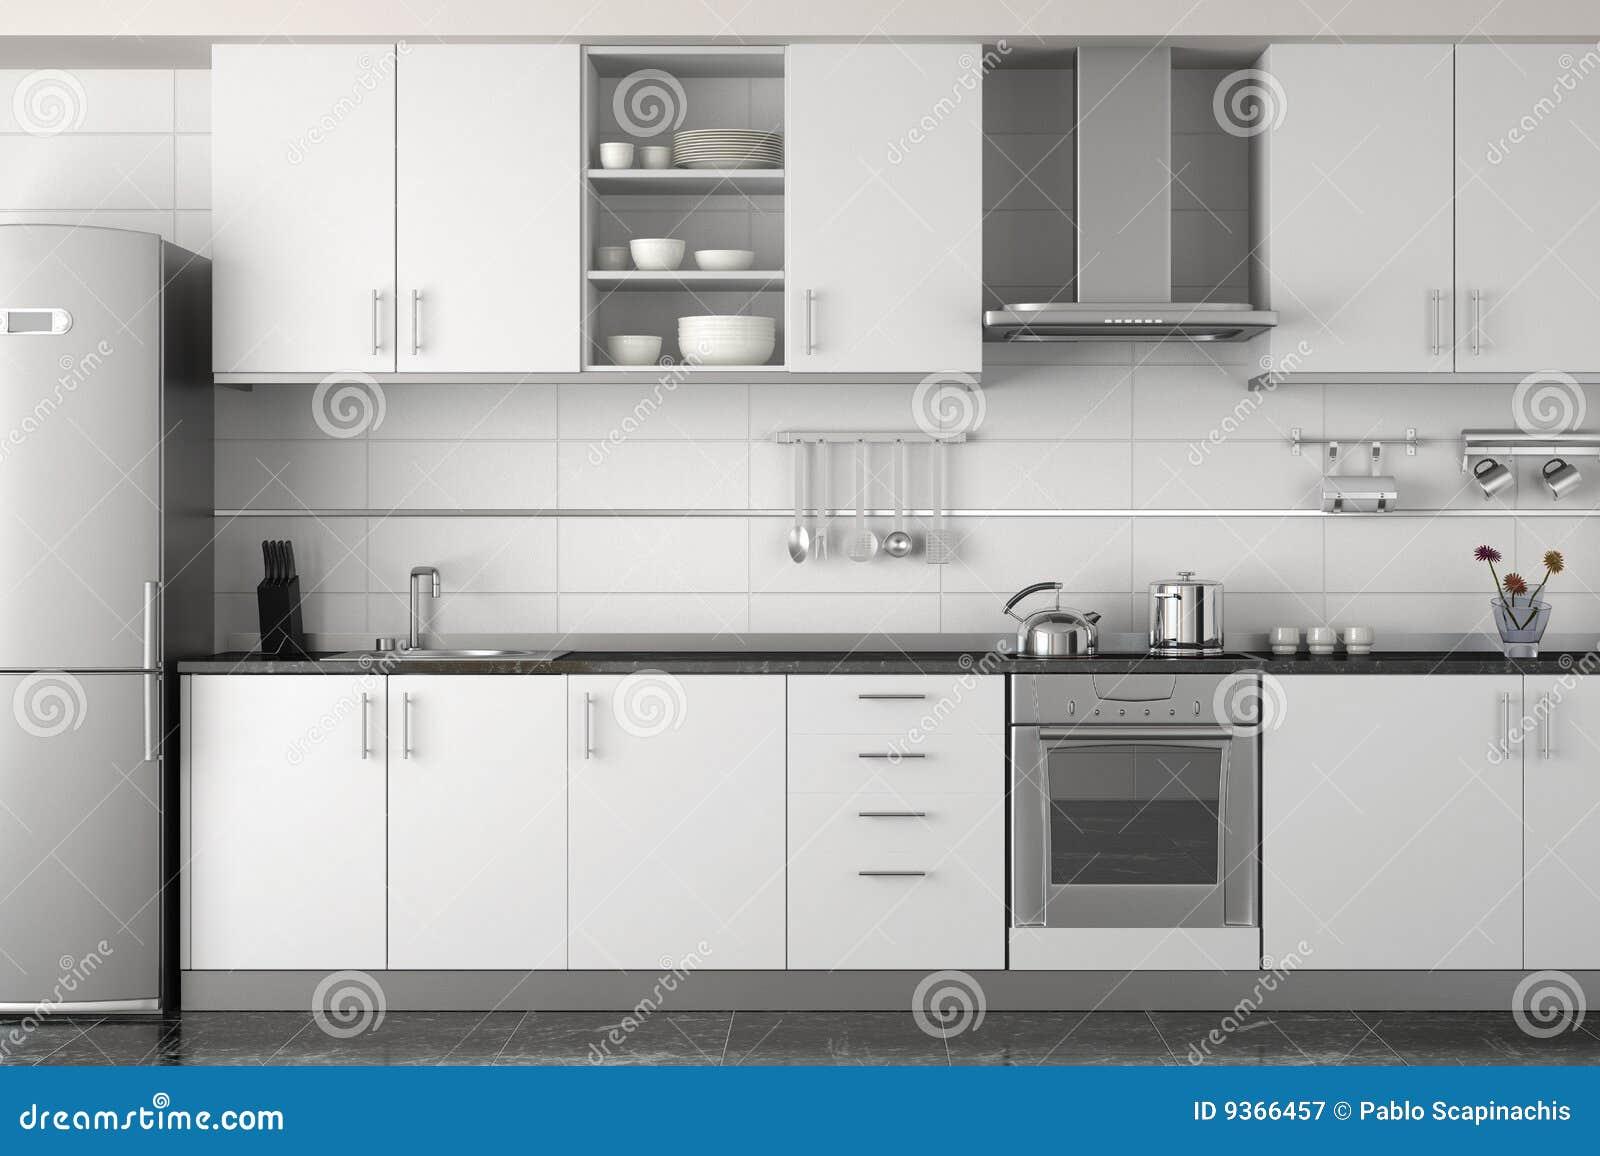 Conception int rieure de cuisine blanche moderne photographie stock libre de - Cuisine moderne blanche et noire ...